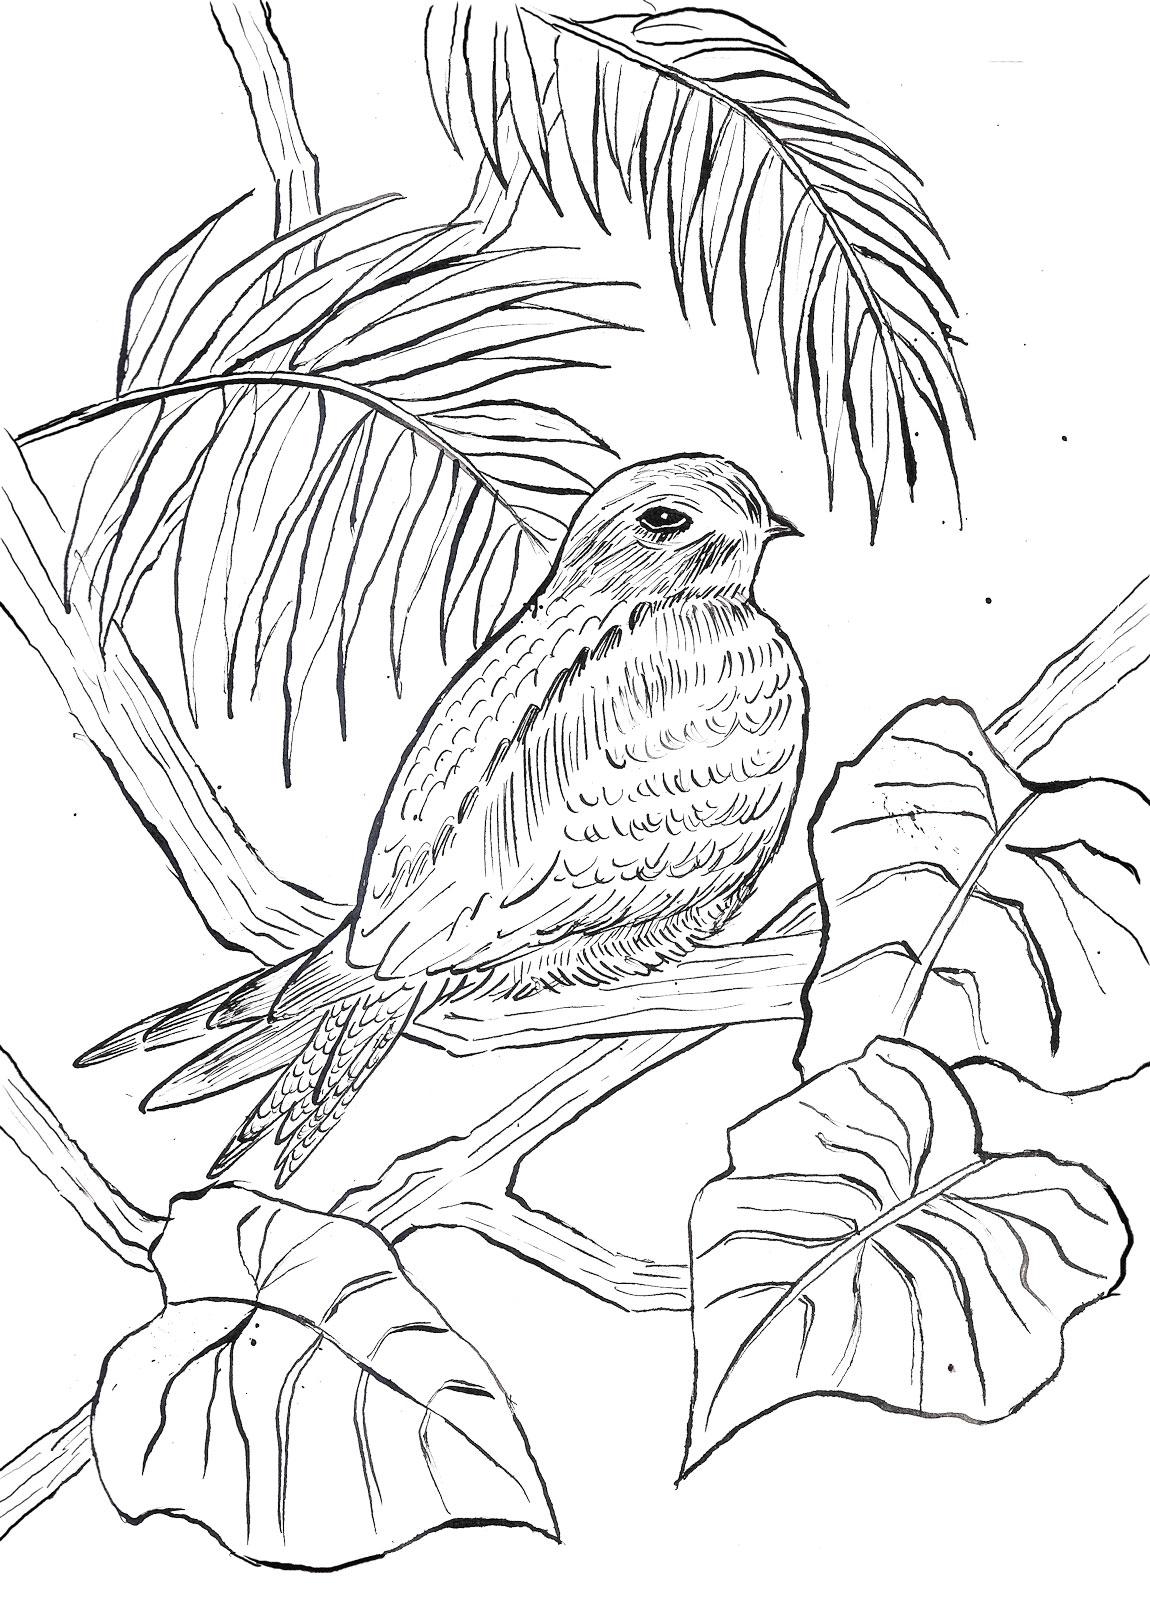 nighthawk-sketch.jpg